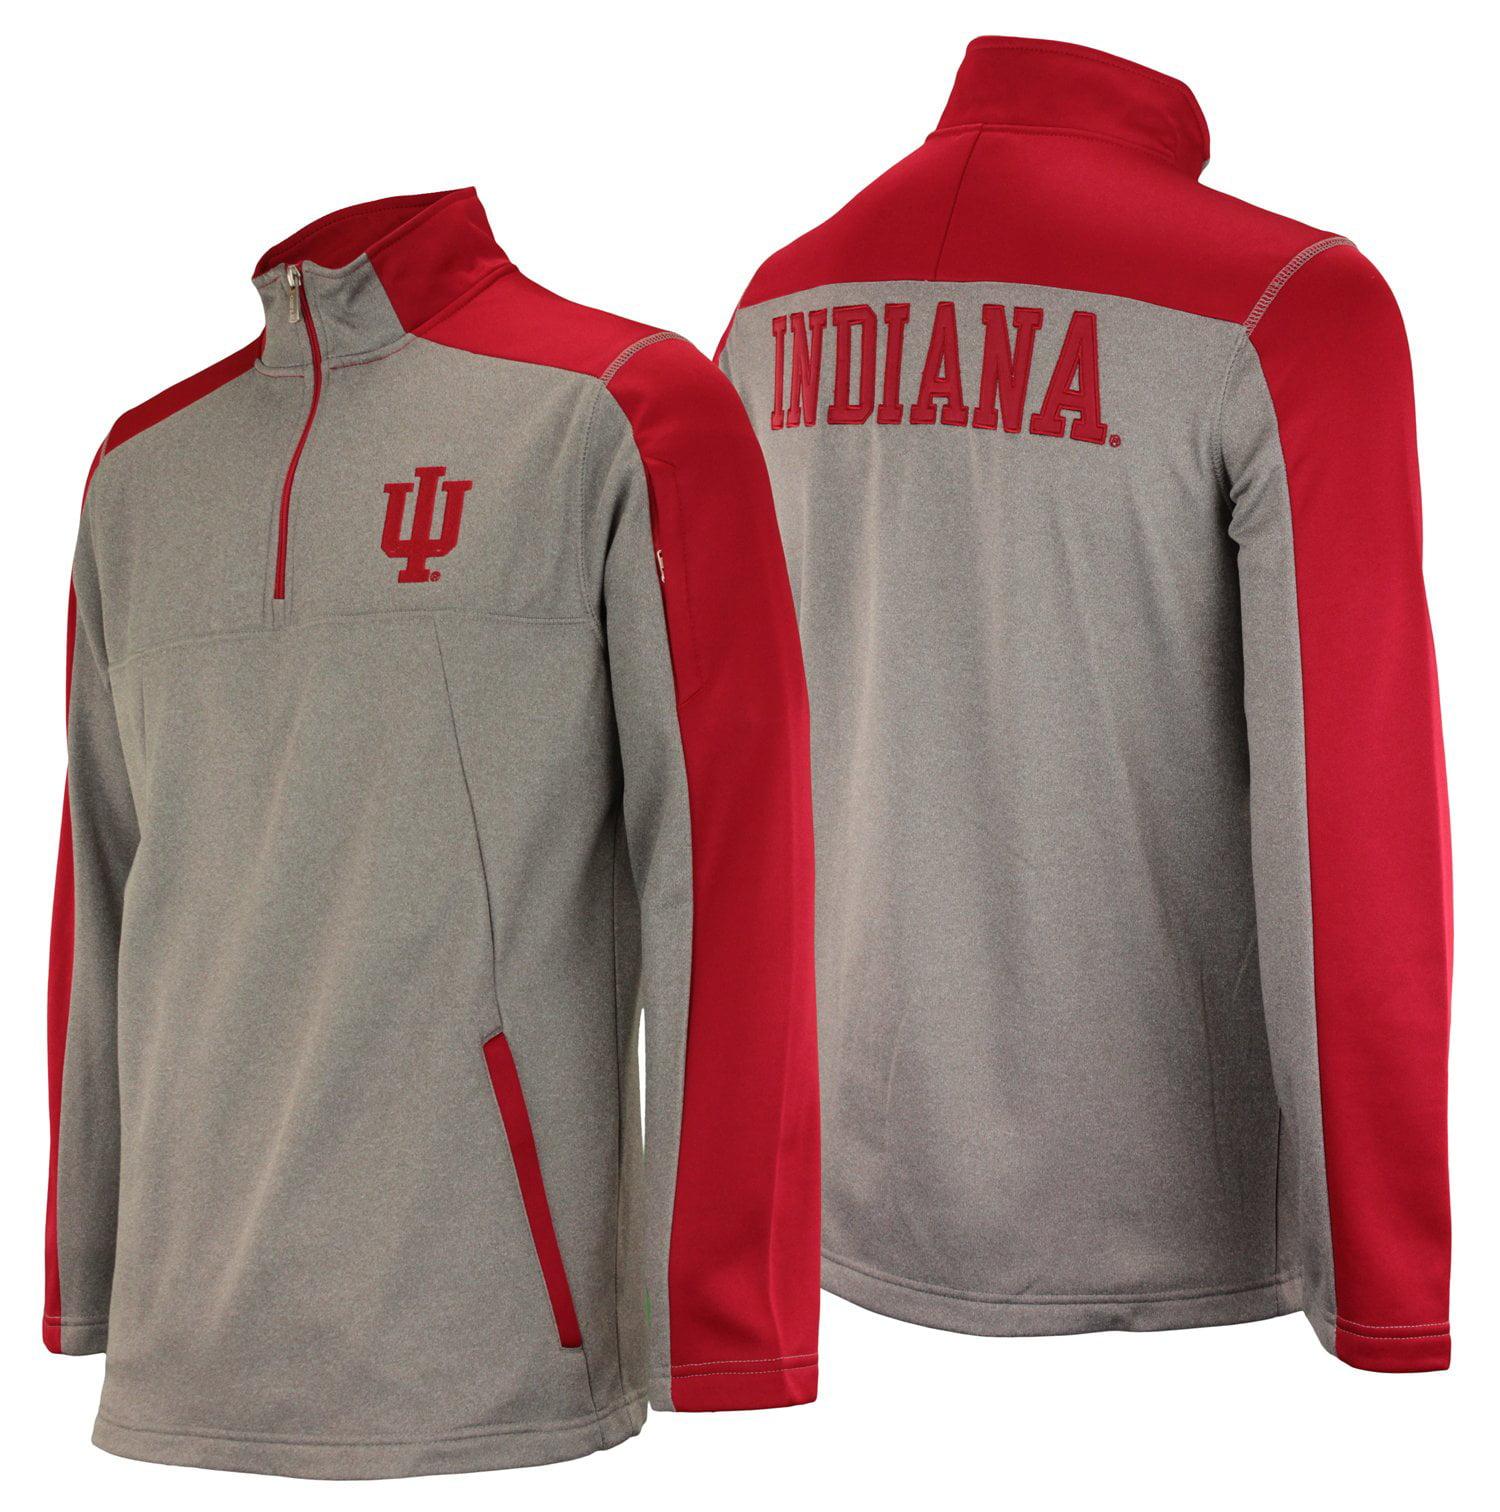 Outerstuff NCAA Men's Indiana Hoosiers Performance Poly Fleece 1/4 Zip Up